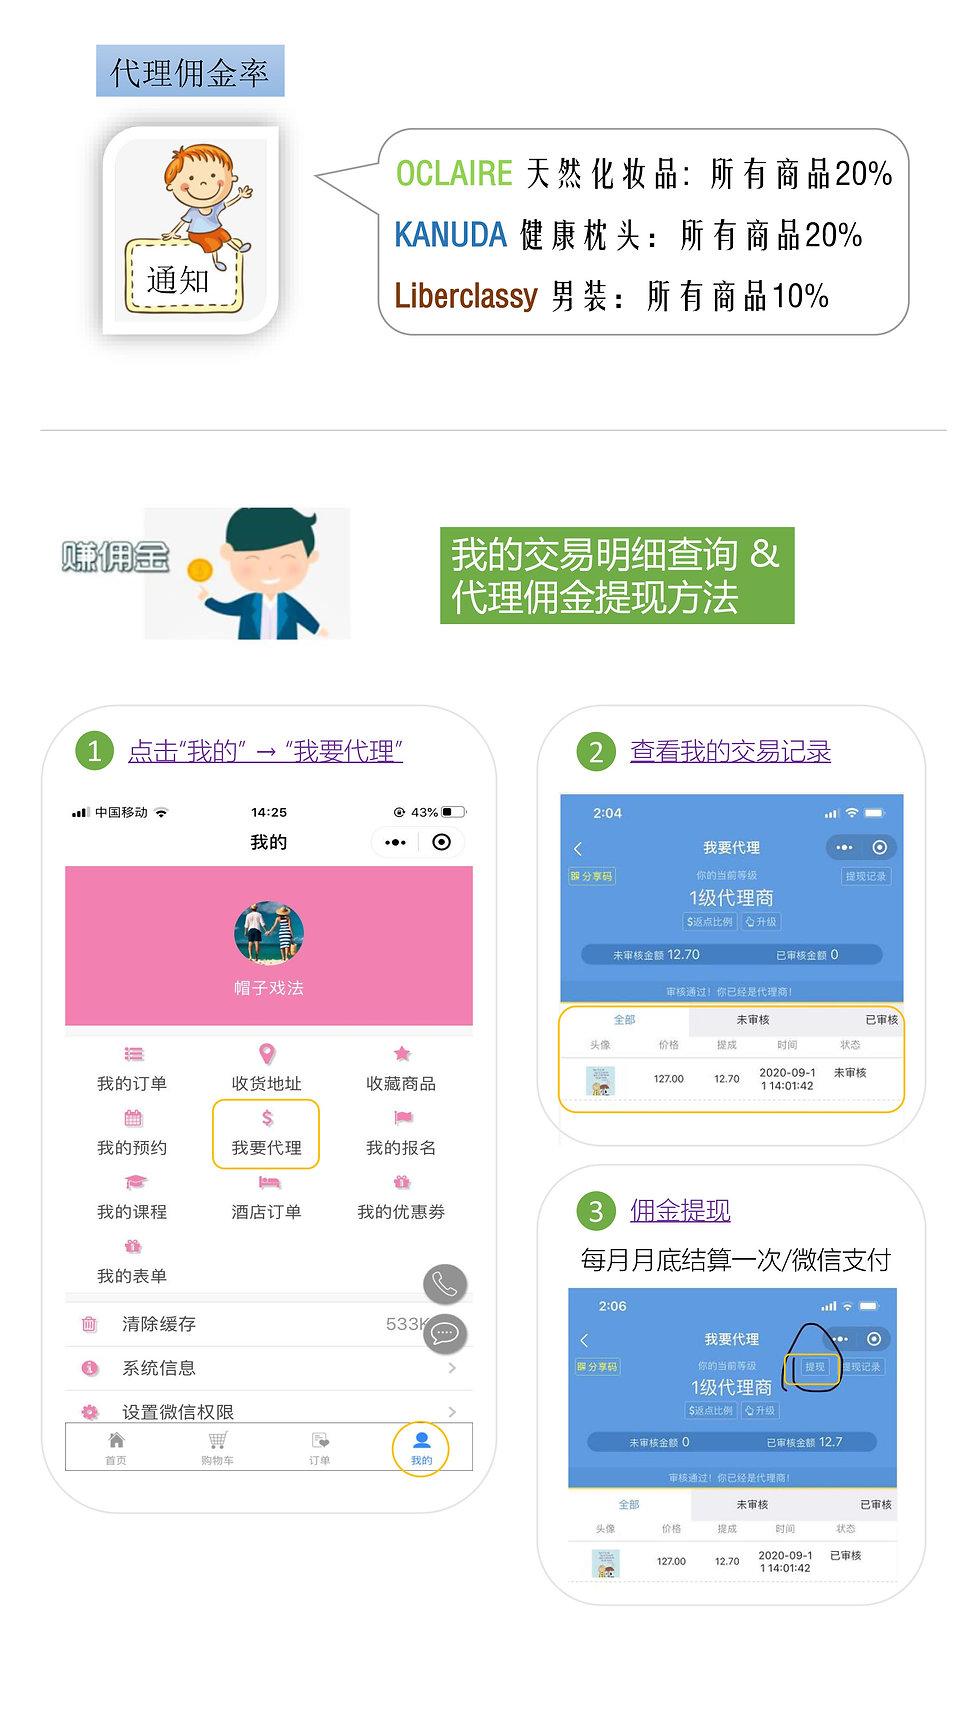 신정(信祯)mall_2020_中文-3.jpg